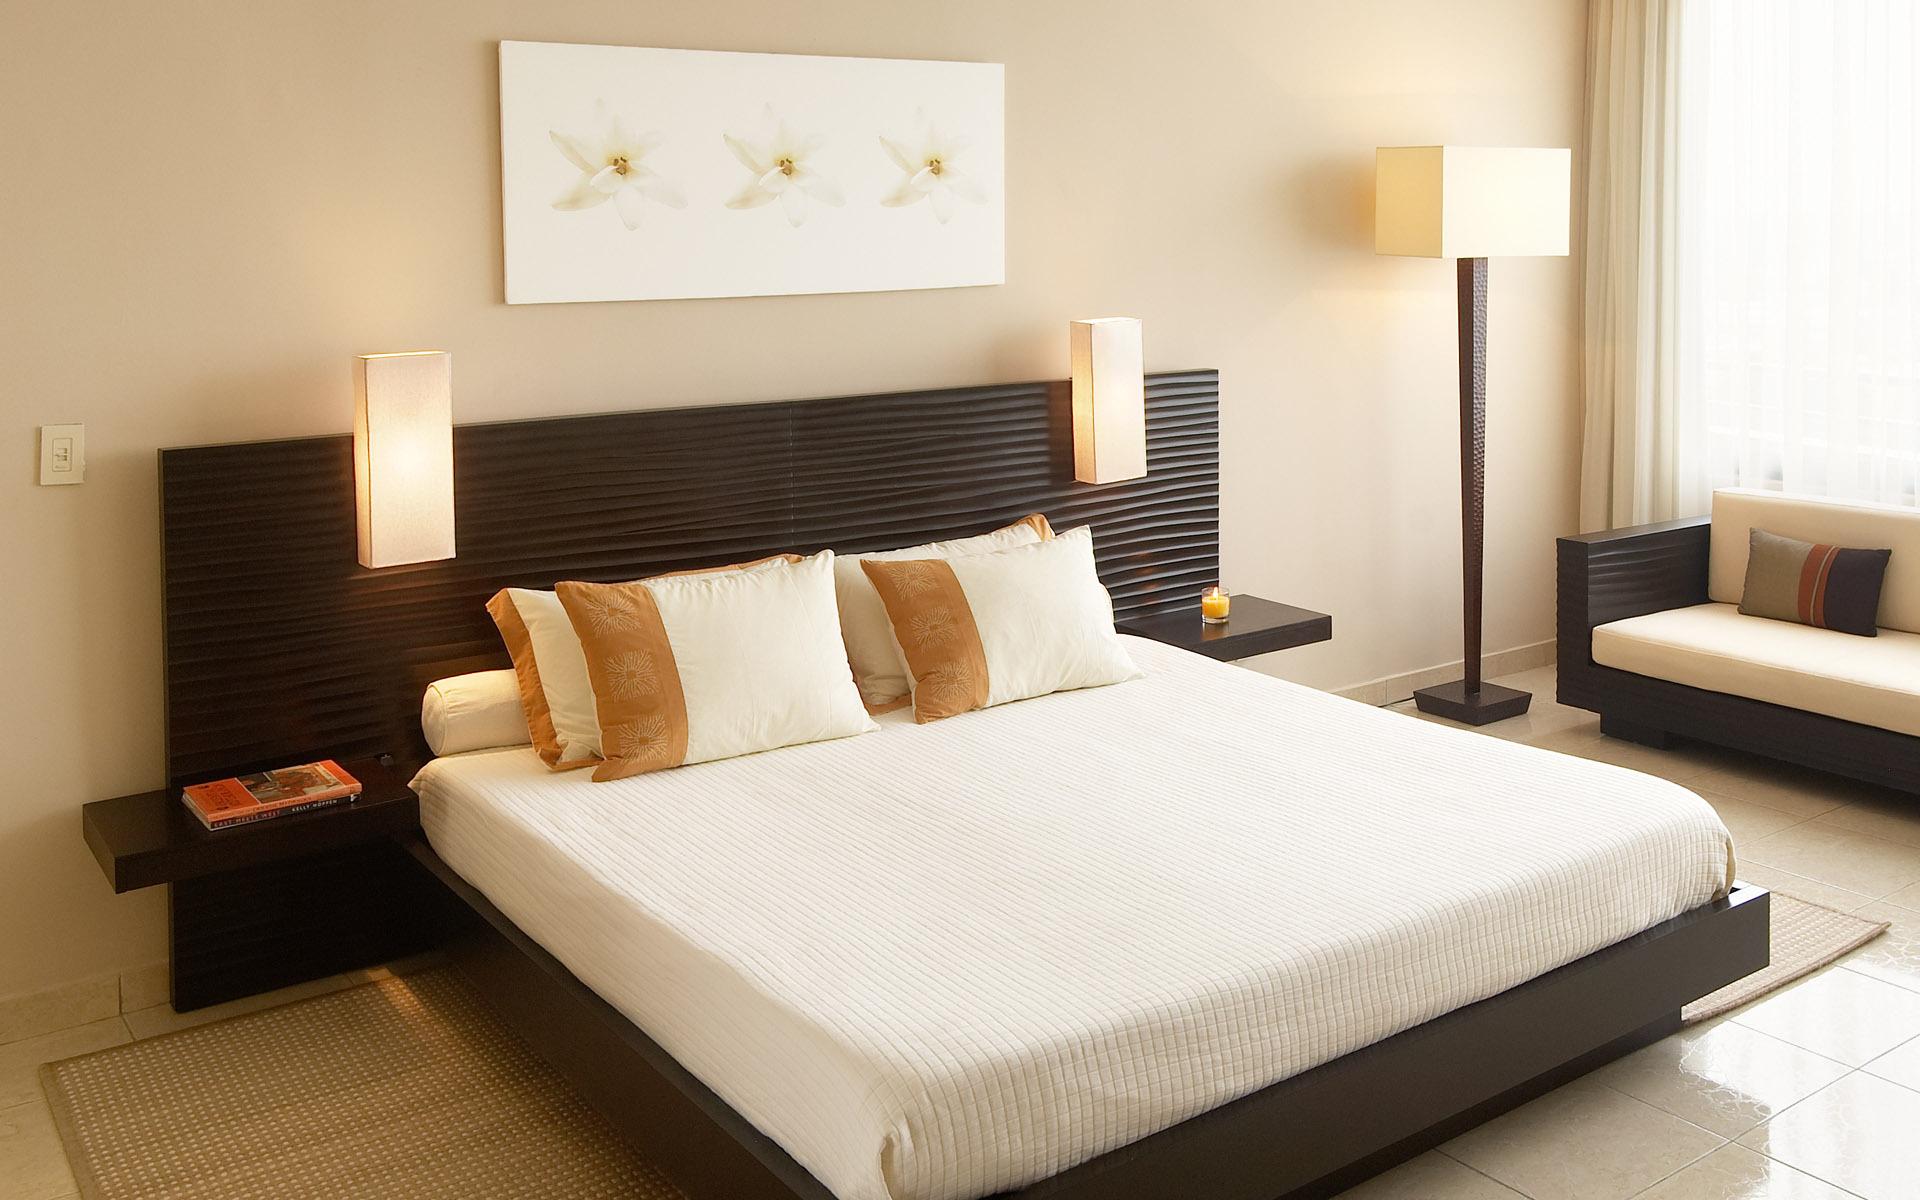 Реечная черная кровать